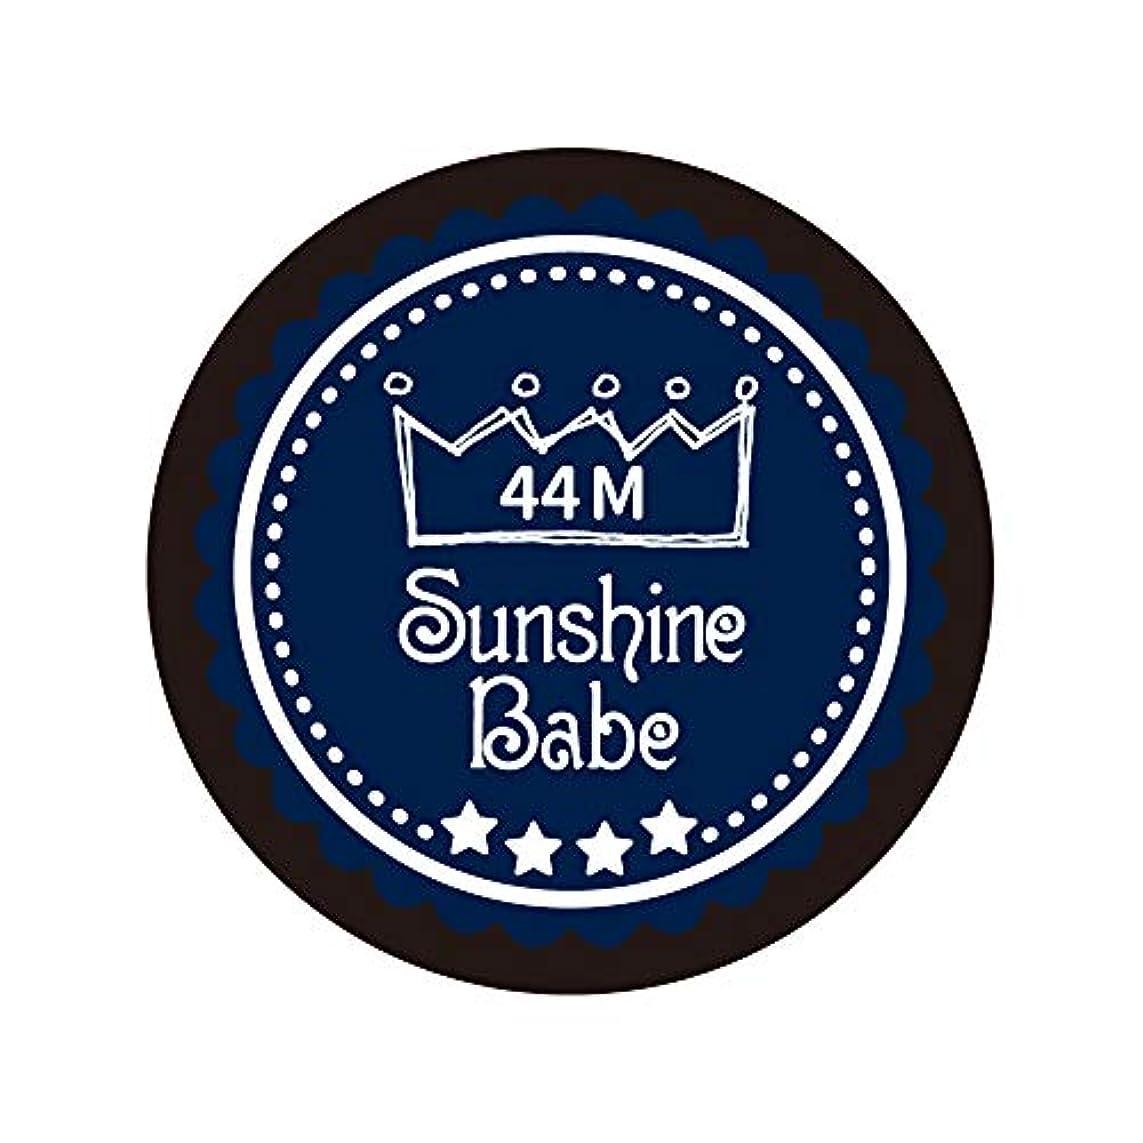 構成員連想破裂Sunshine Babe カラージェル 44M クラシックネイビー 2.7g UV/LED対応